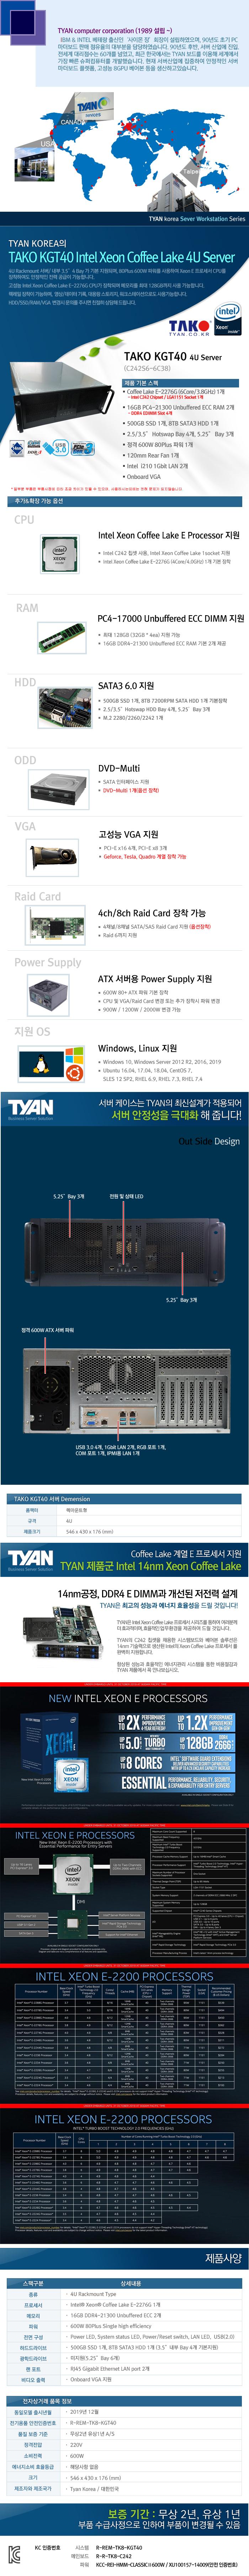 TYAN  TAKO-KGT40-(C242S6-6C38)(32GB, SSD 500GB + 8TB)